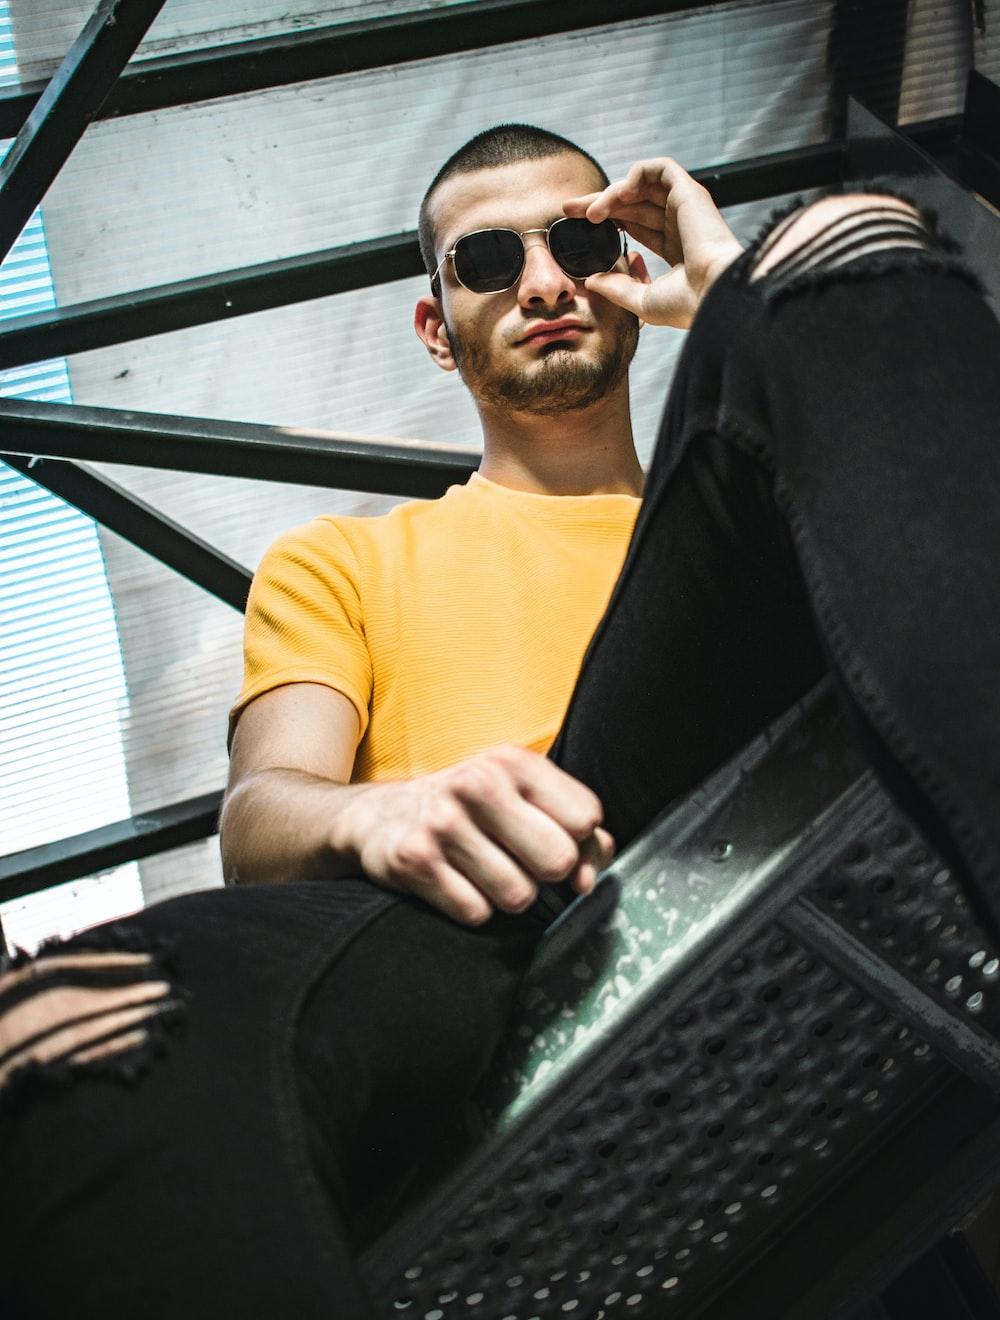 man in yellow shirt sitting on meta